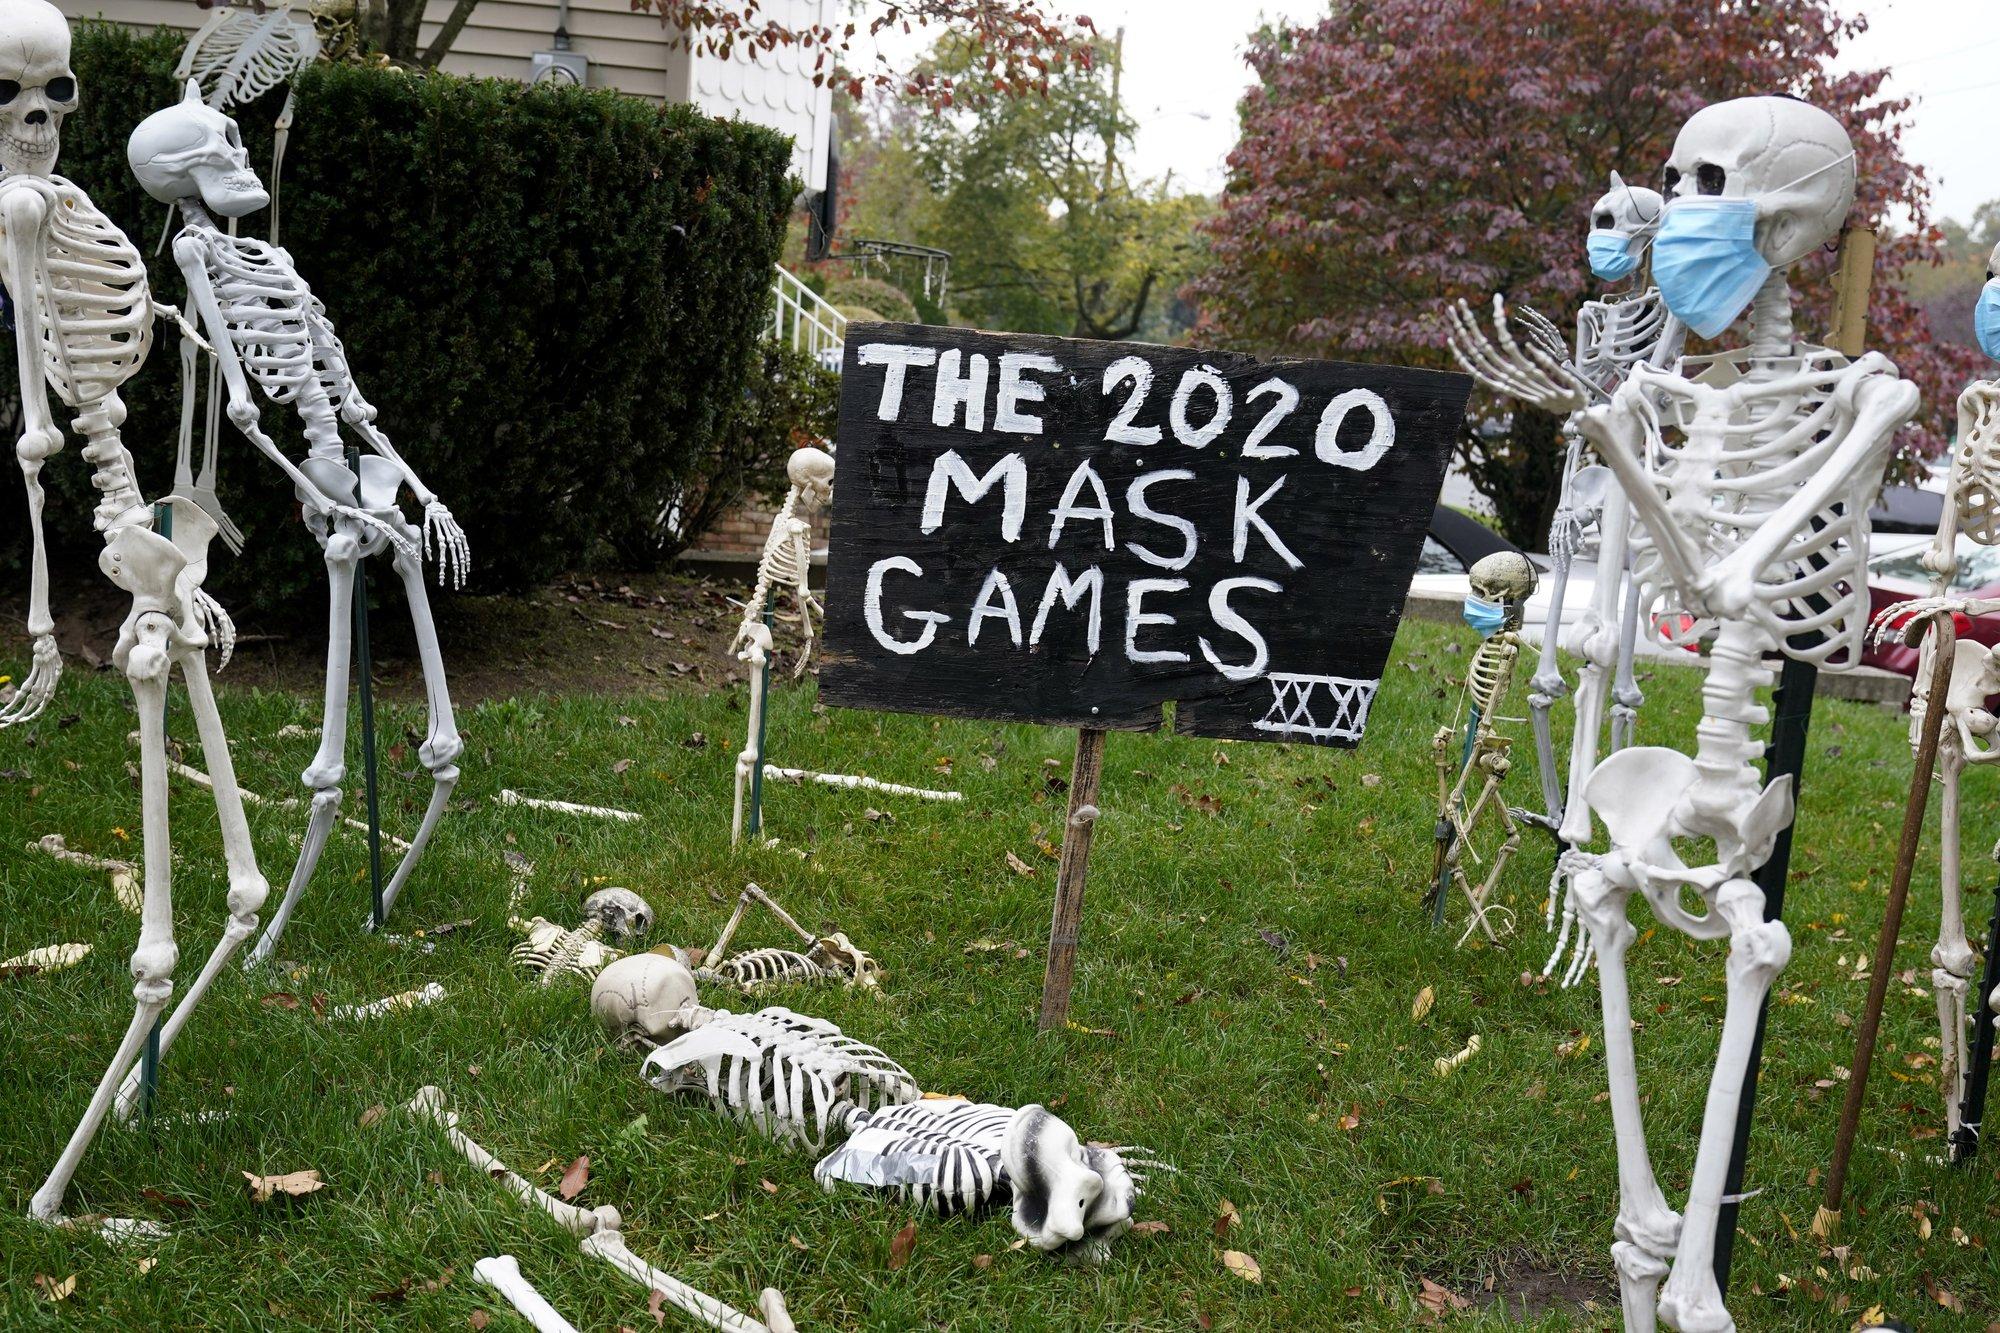 Halloween em 2020: Um pouco de diversão com medo da pandemia do COVID-19